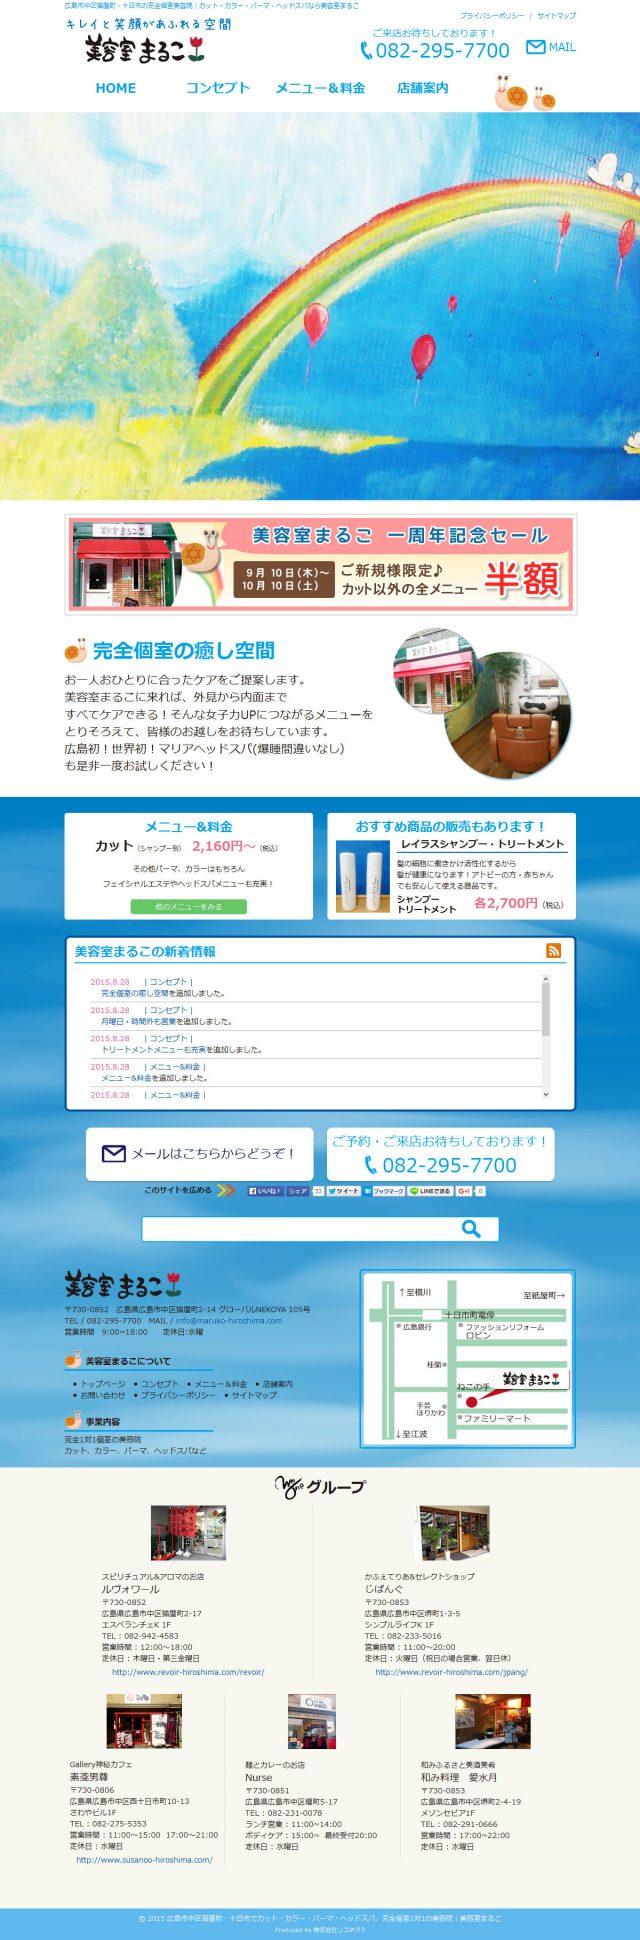 広島県広島市 完全個室美容院の美容室まるこ 様